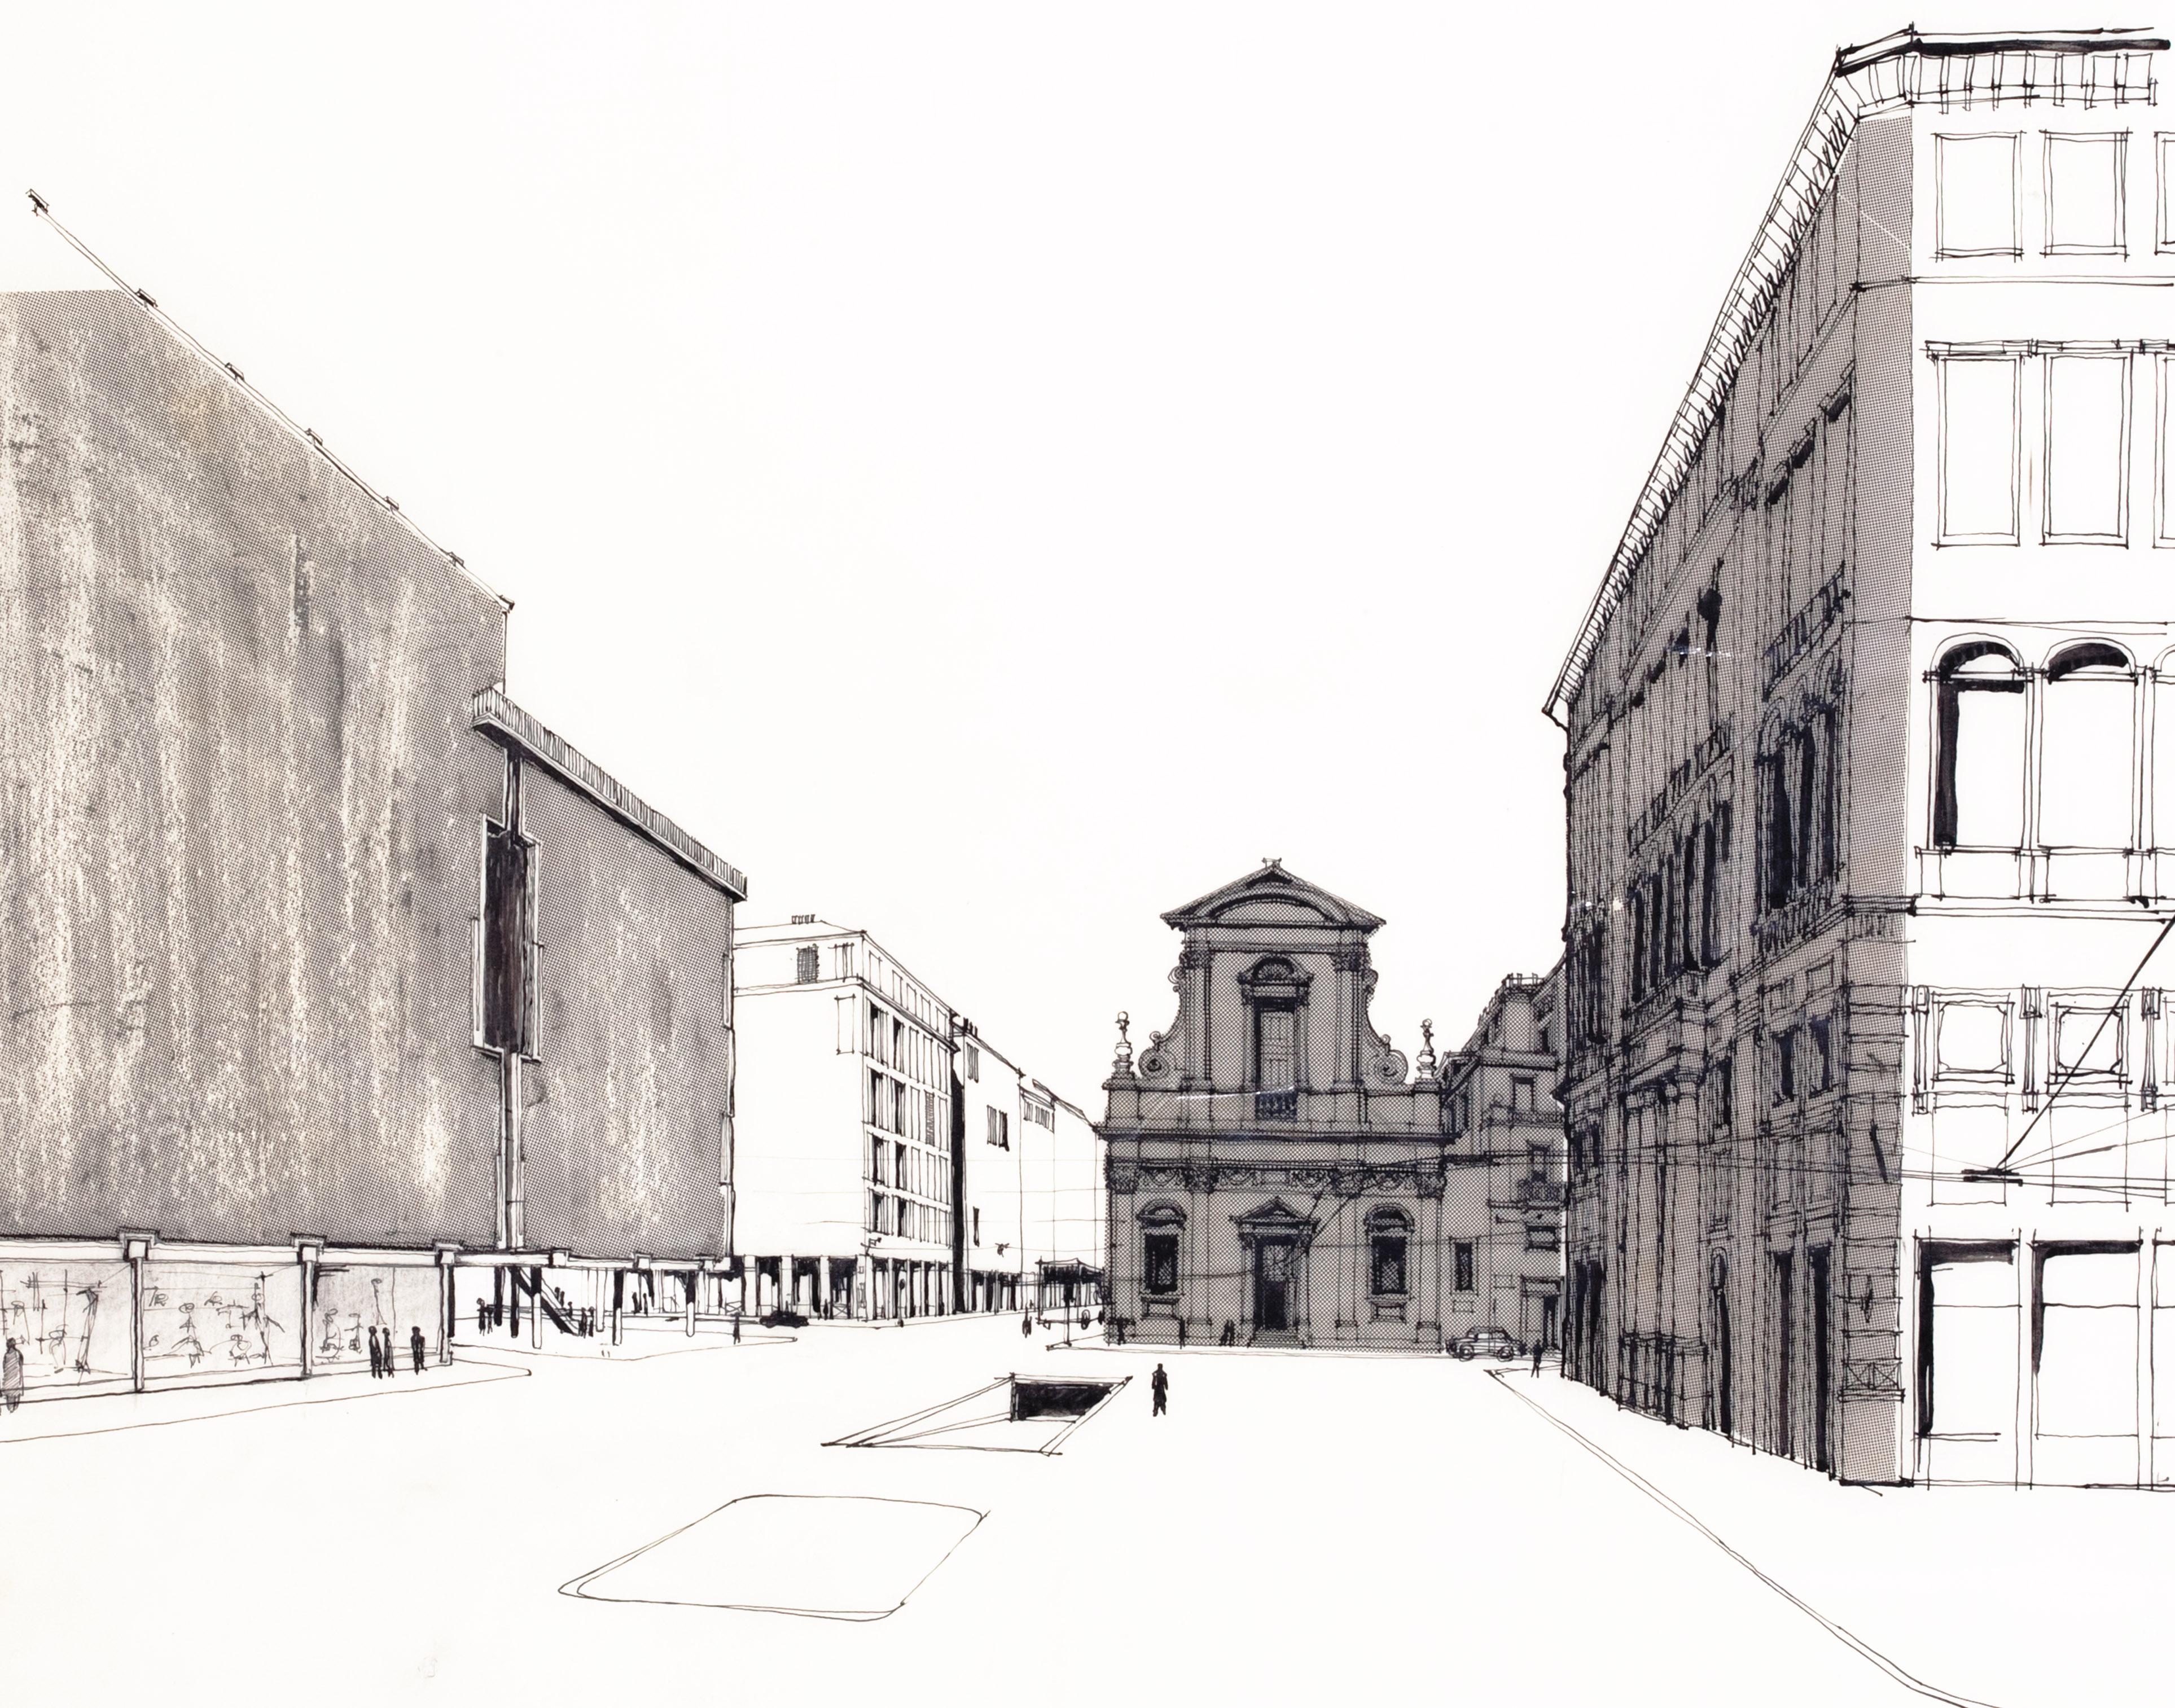 Ignazio gardella disegno per la sede la rinascente di for Disegno di architettura online